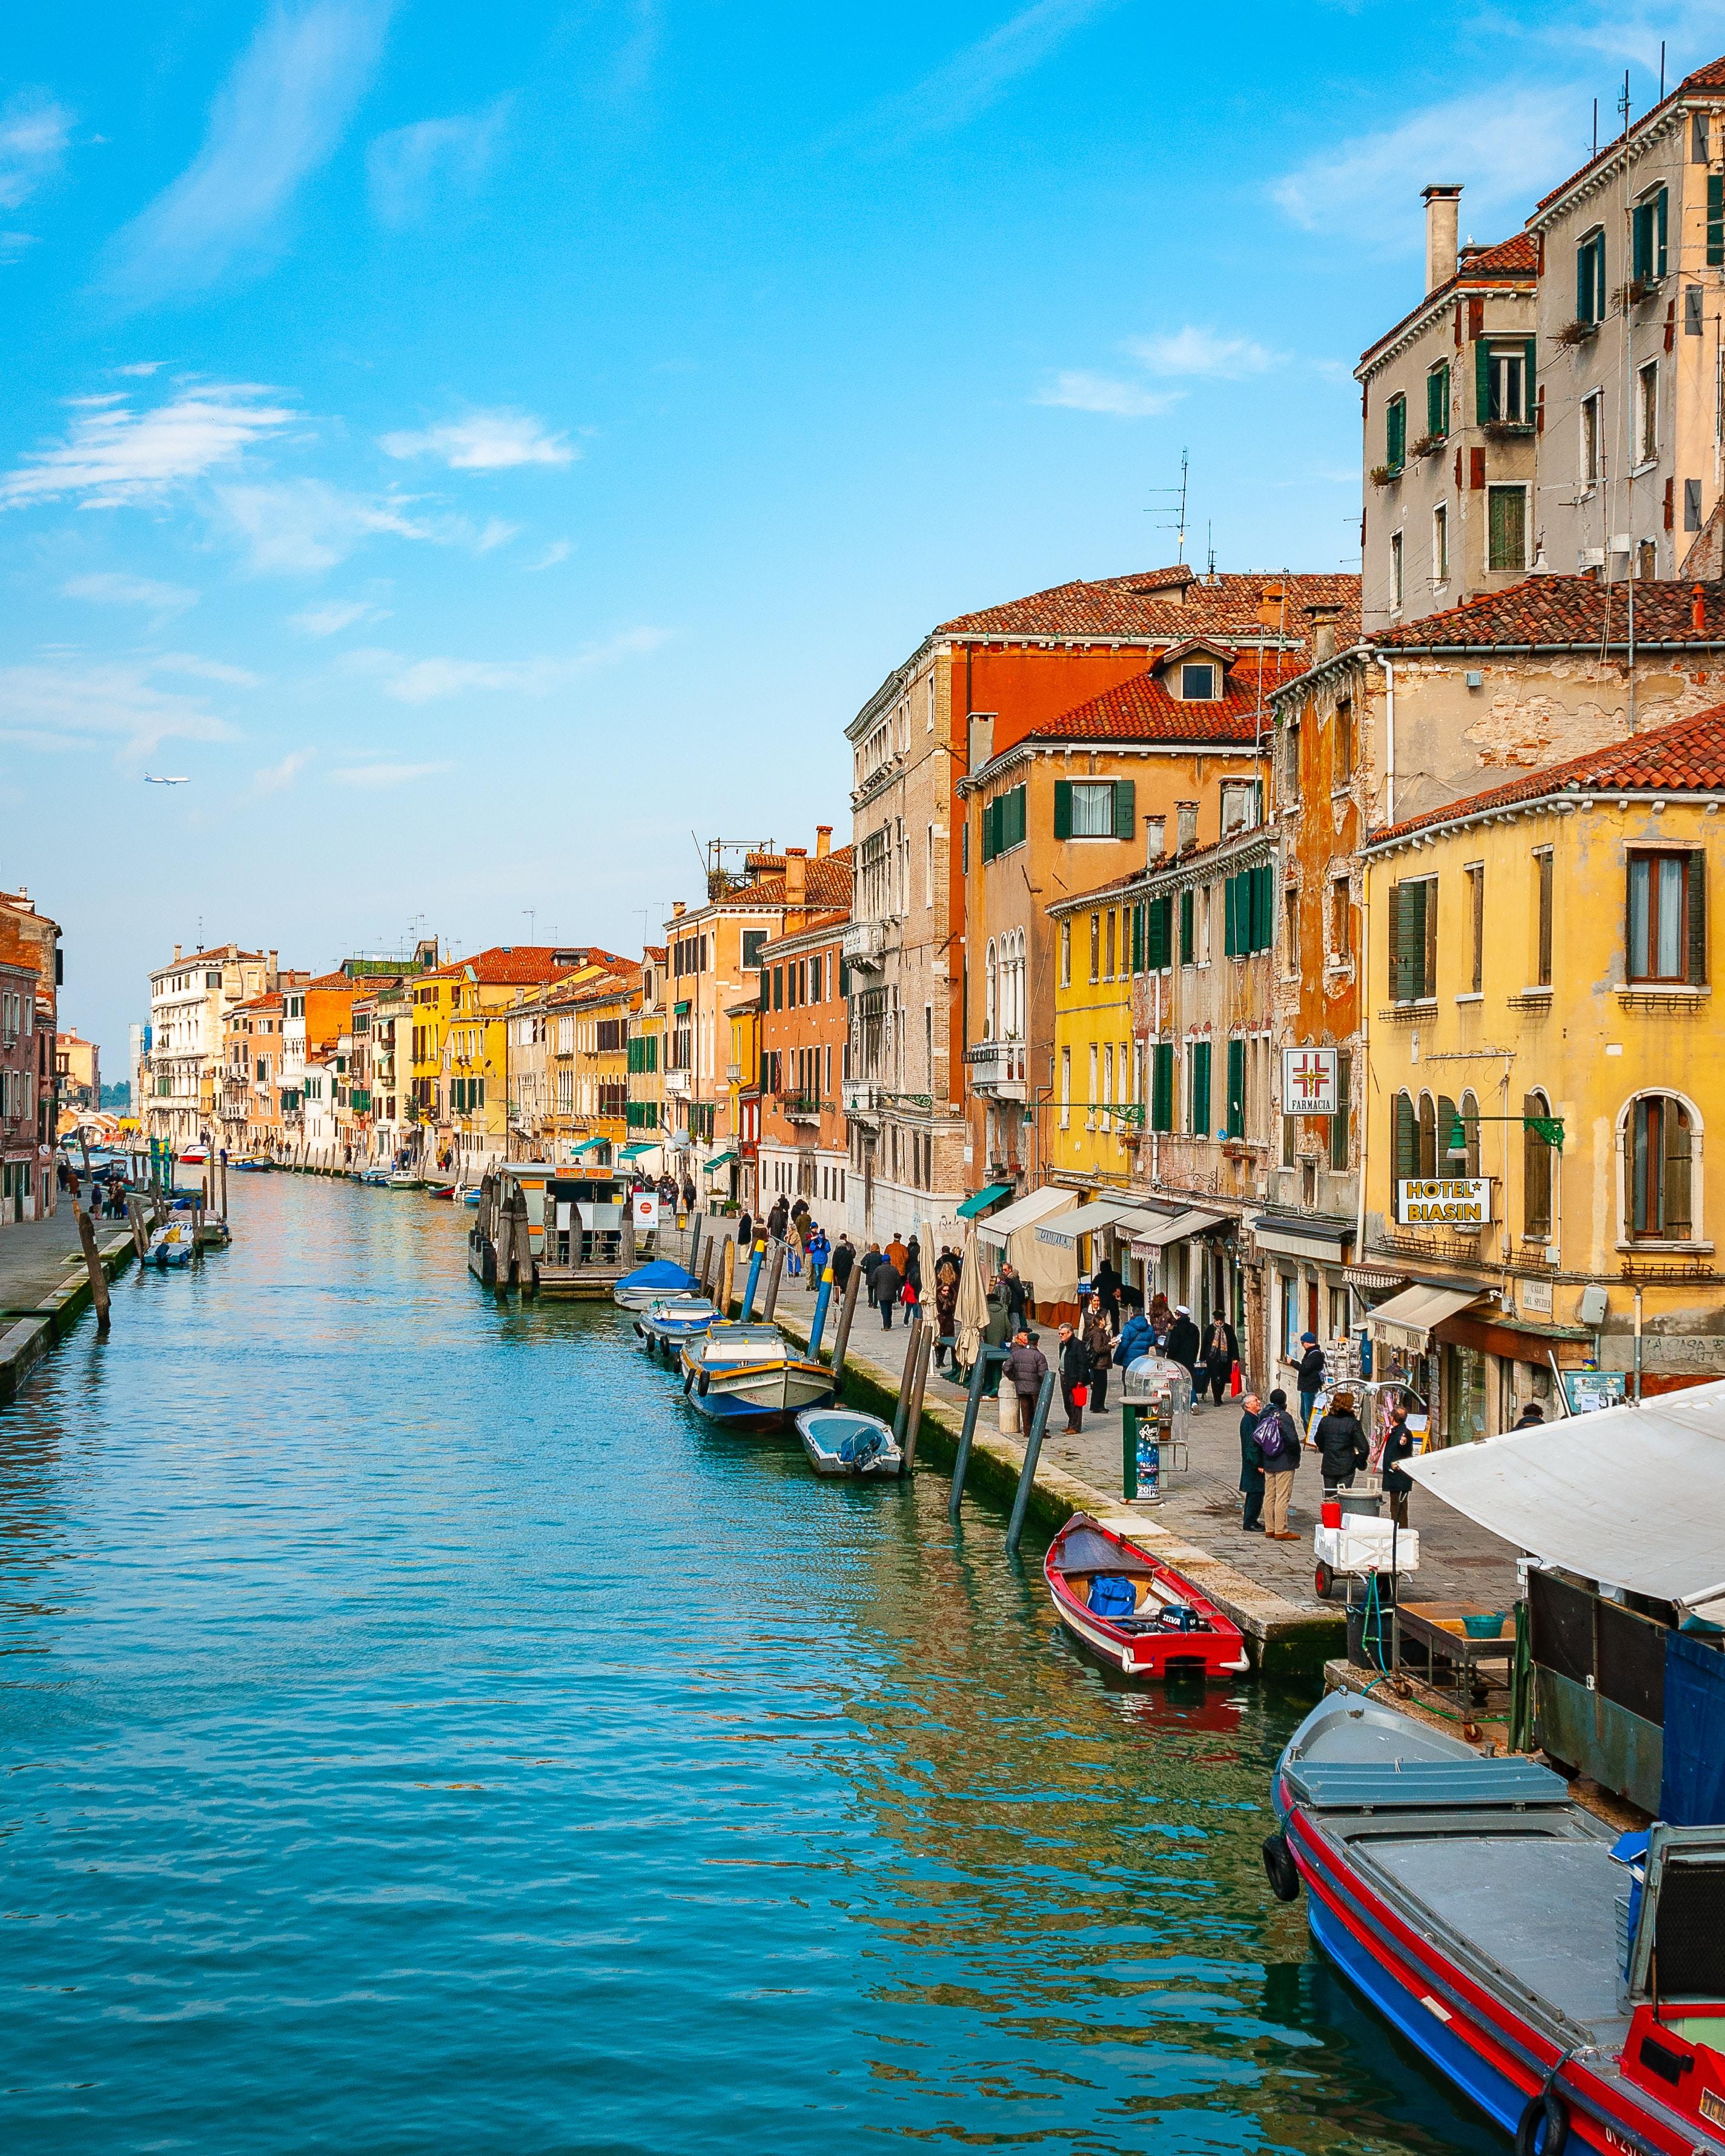 Visa du lịch Châu Âu là niềm ao ước của nhiều người